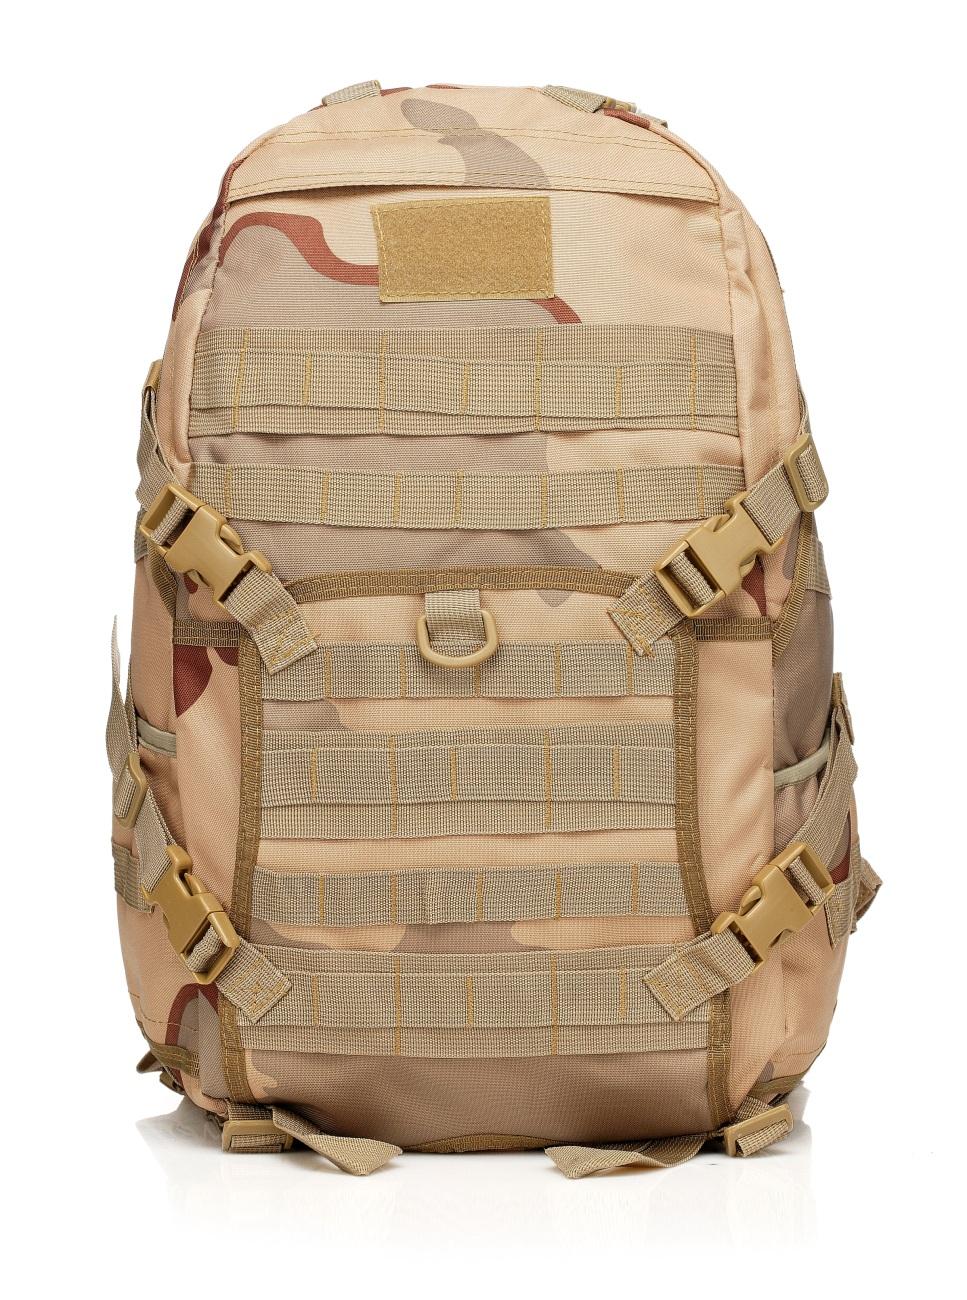 Лучший тактический рюкзак для активного отдыха купить недорого